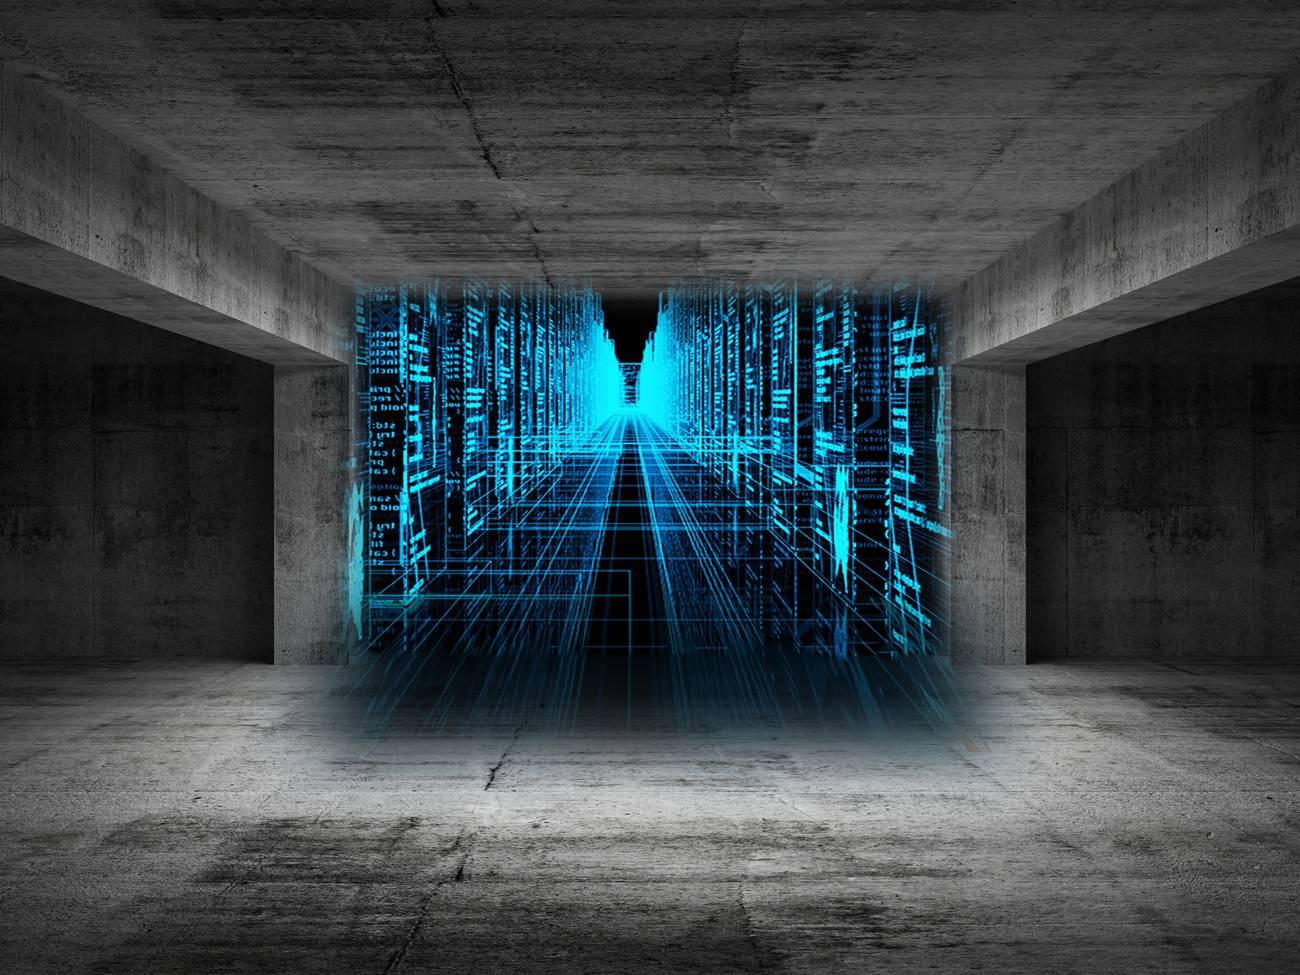 «Big data» y política  El poder de los algoritmos